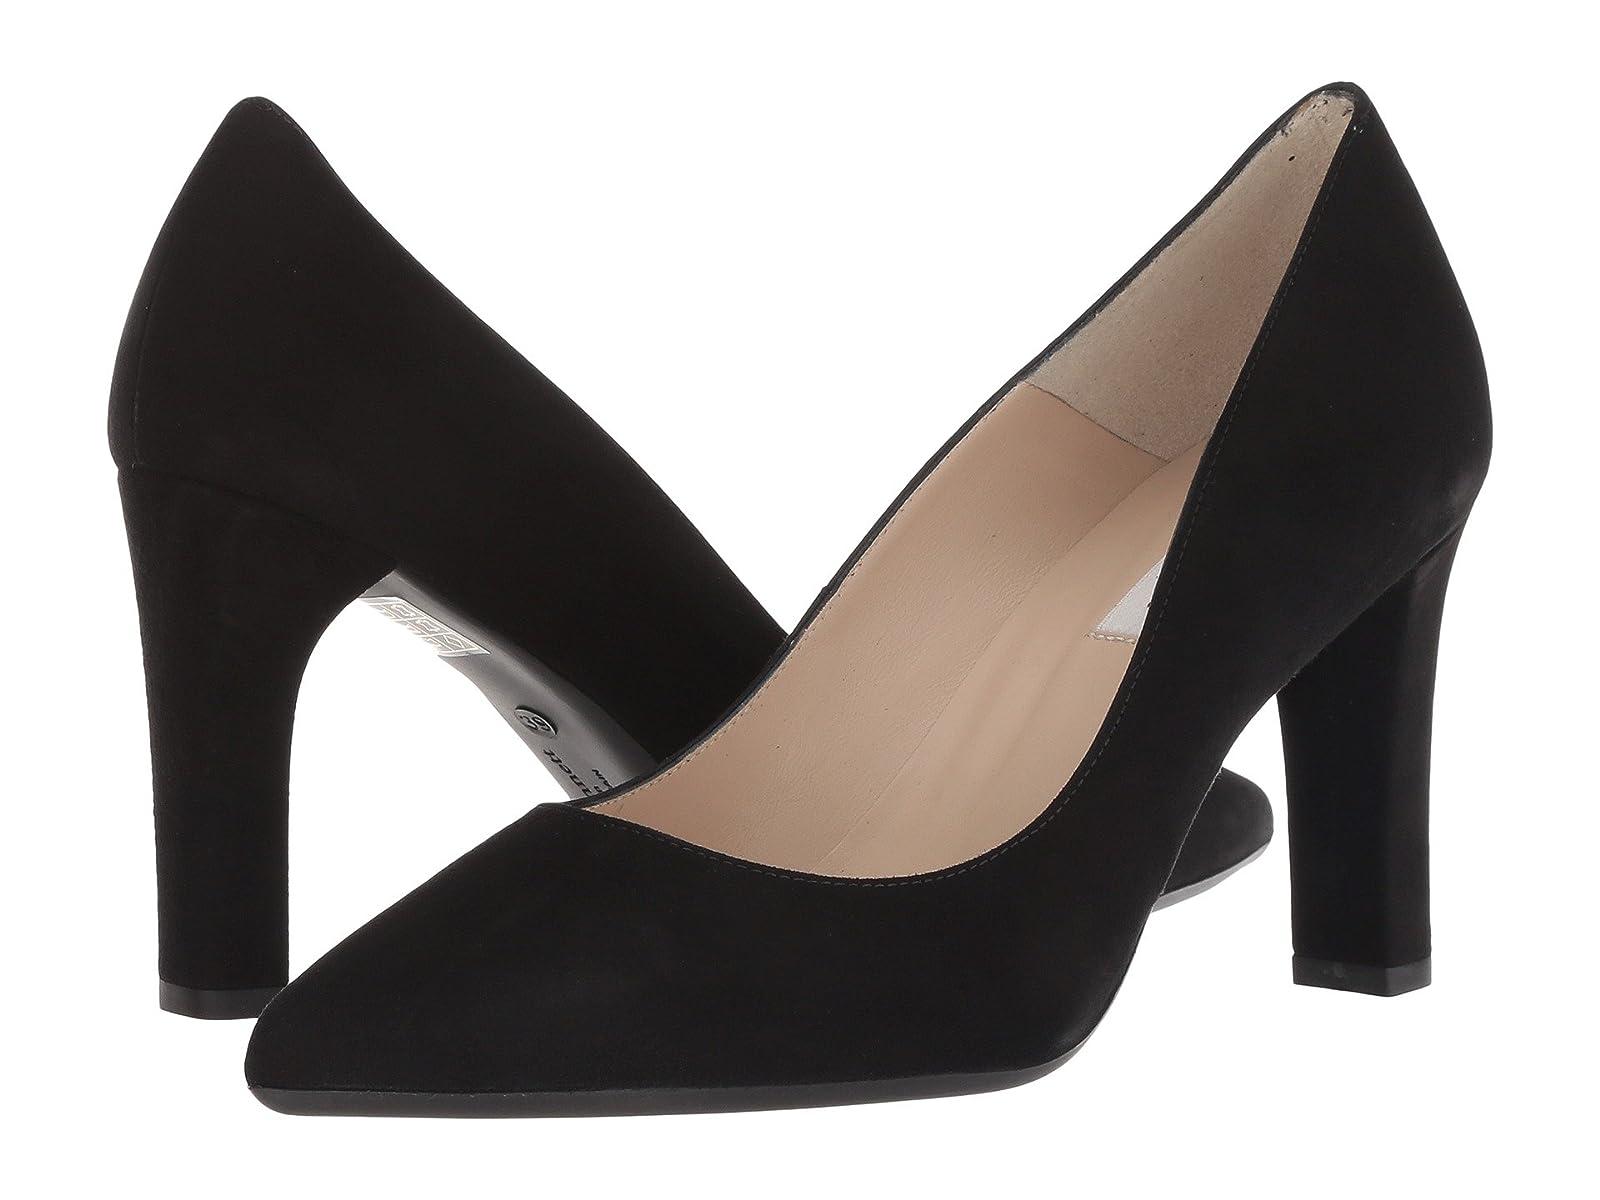 L.K. Bennett TessAtmospheric grades have affordable shoes